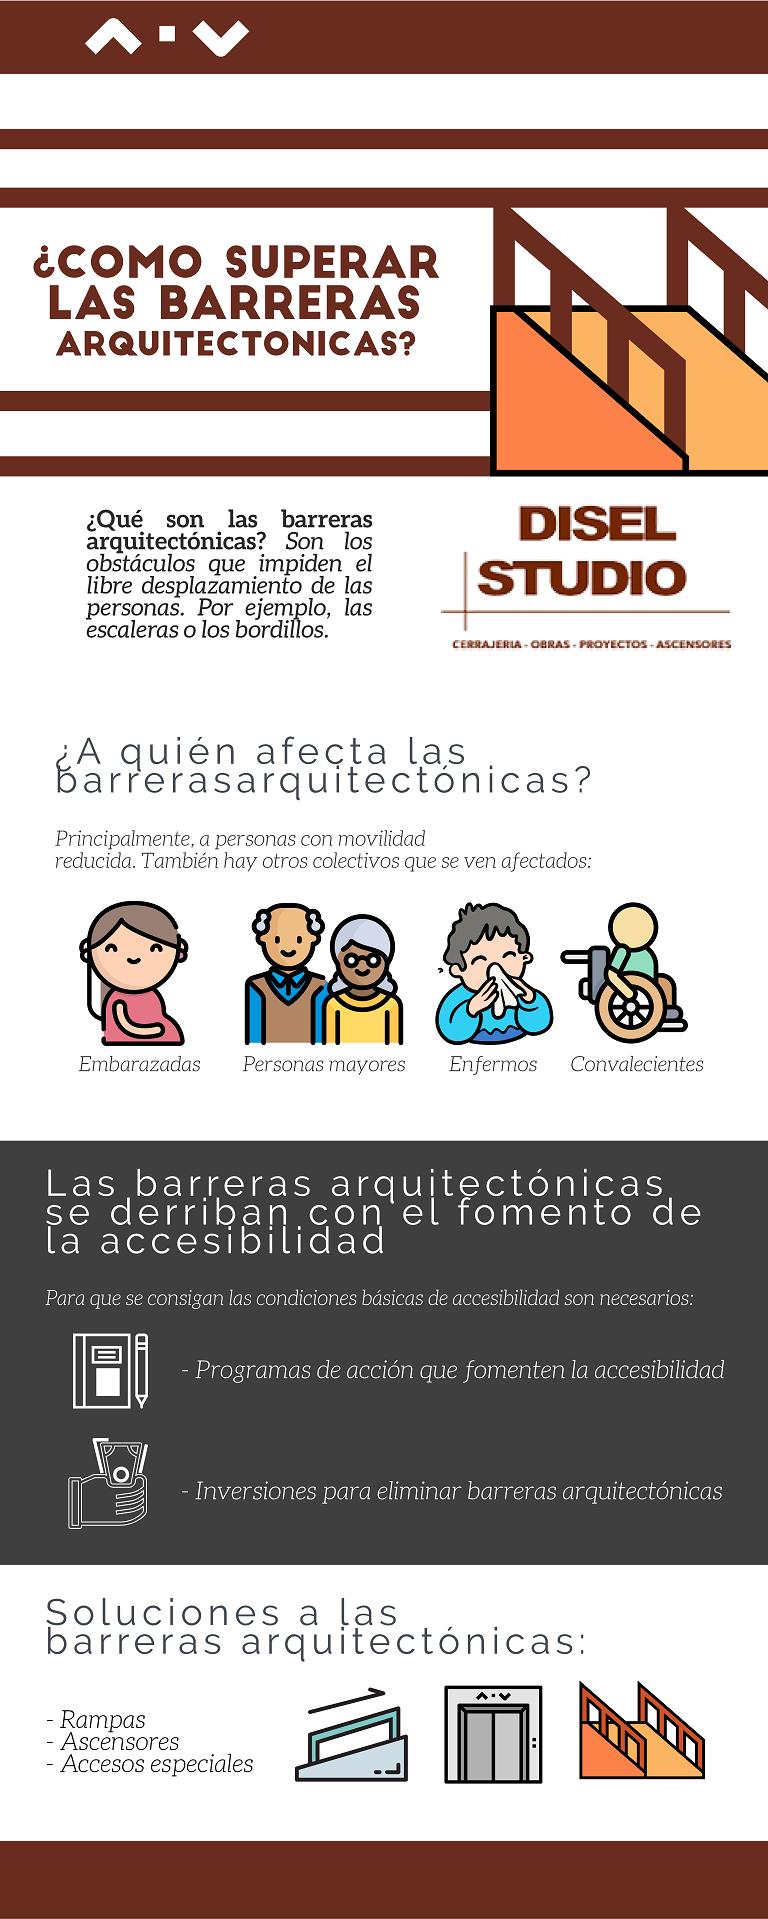 elimina las barreras arquitectónicas de tu local o edificio - Disel Studio